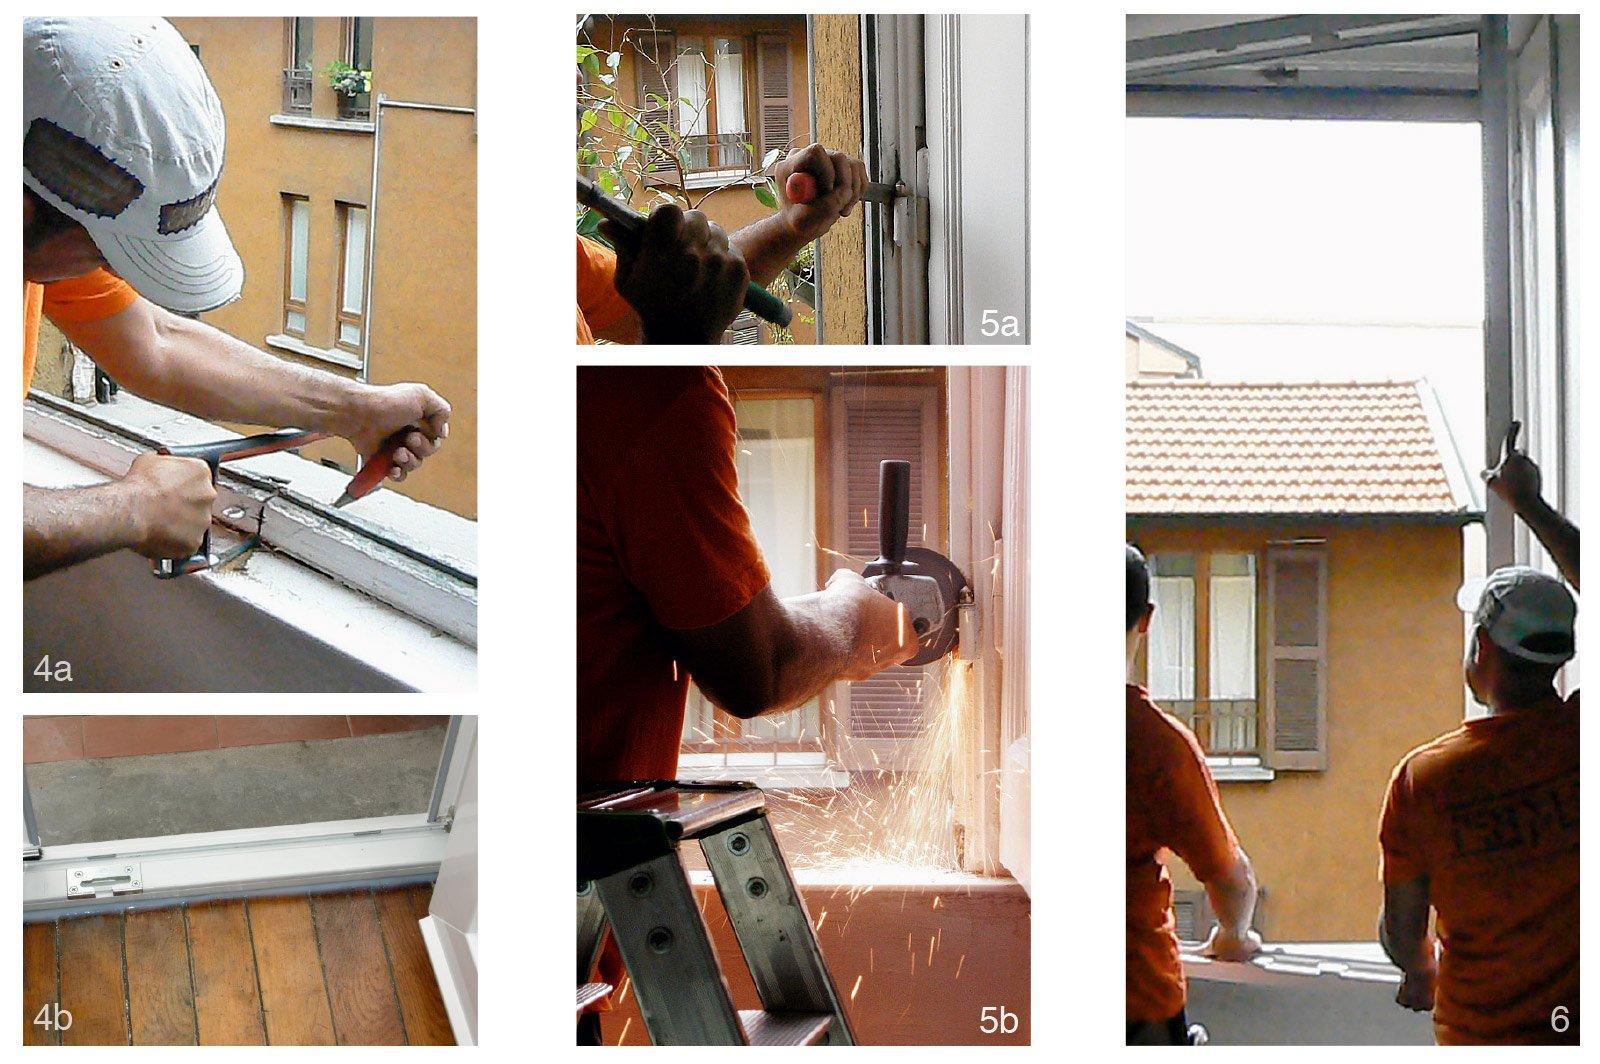 Sostituire le finestre 14 fasi di lavoro cose di casa for Finestra 4 tolmezzo